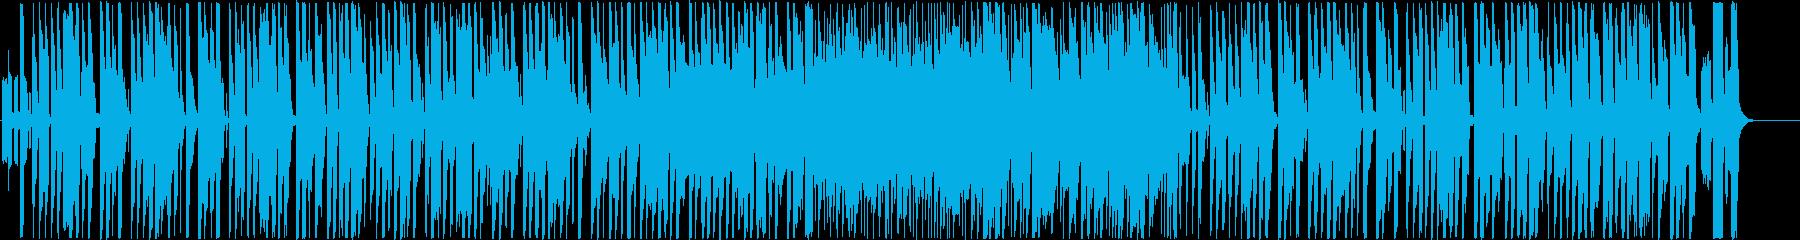 ほのぼのRPG風 ゲーム音楽の再生済みの波形